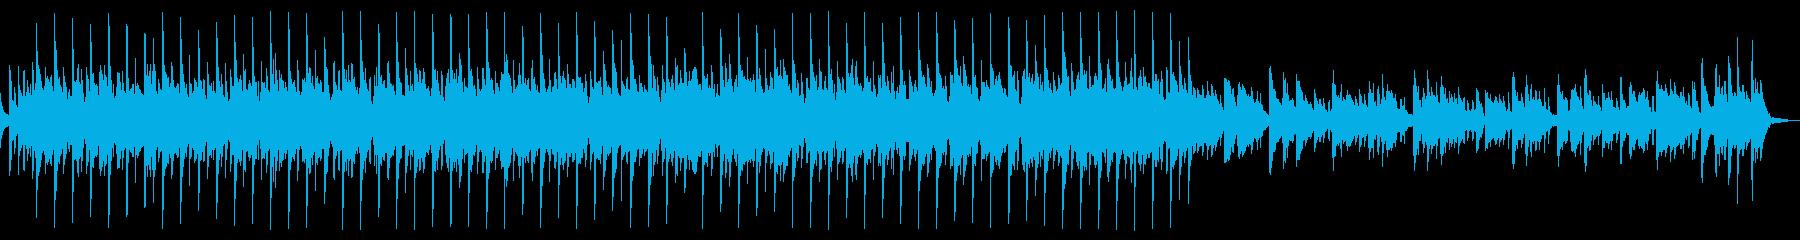 キラキラでかわいいアコギと鉄琴60秒版の再生済みの波形